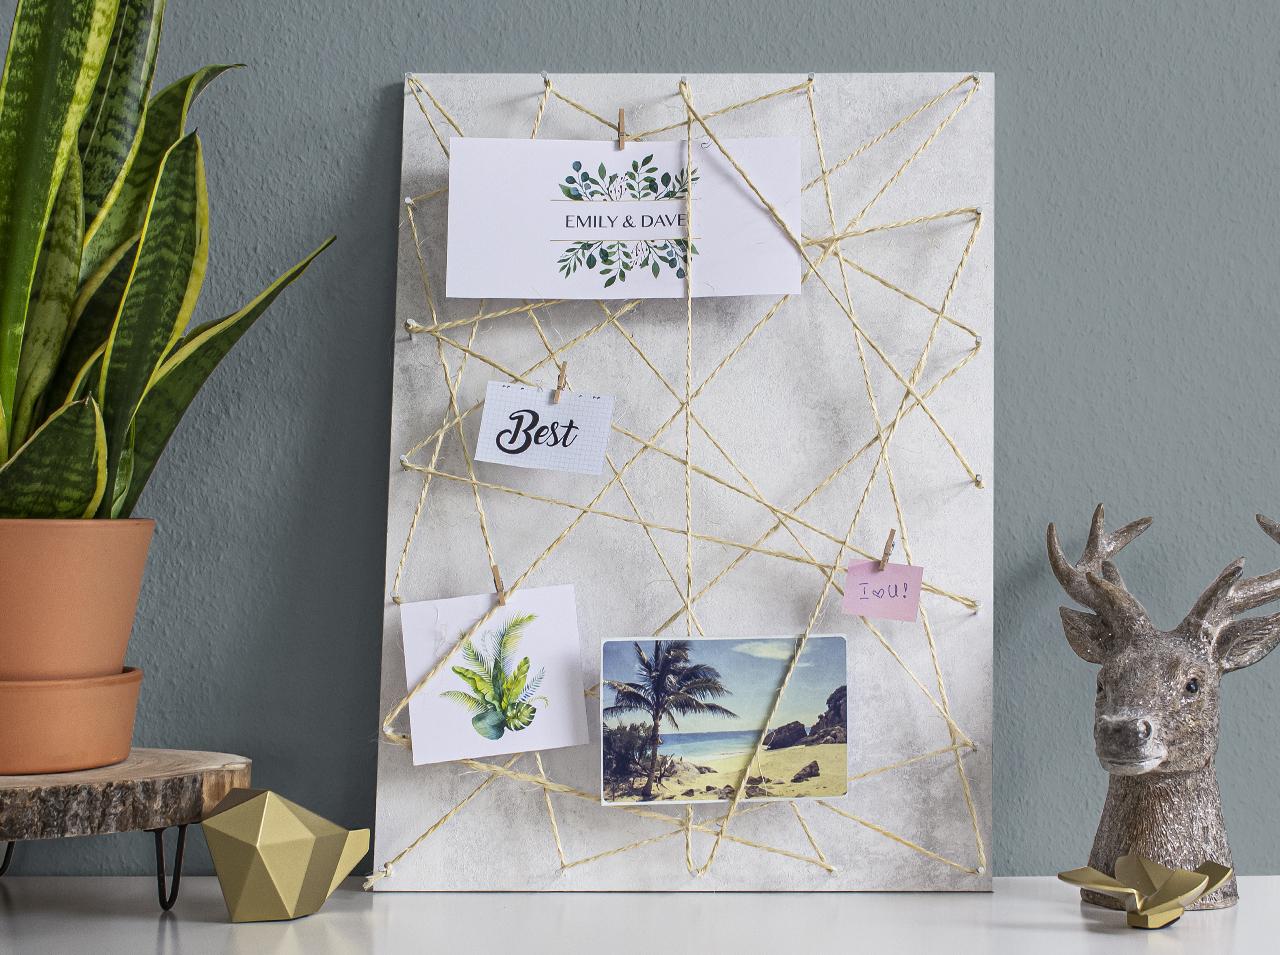 Доска для заметок, созданная своими руками с помощью самоклеящейся пленки d-c-fix® Concrete White под бетон.